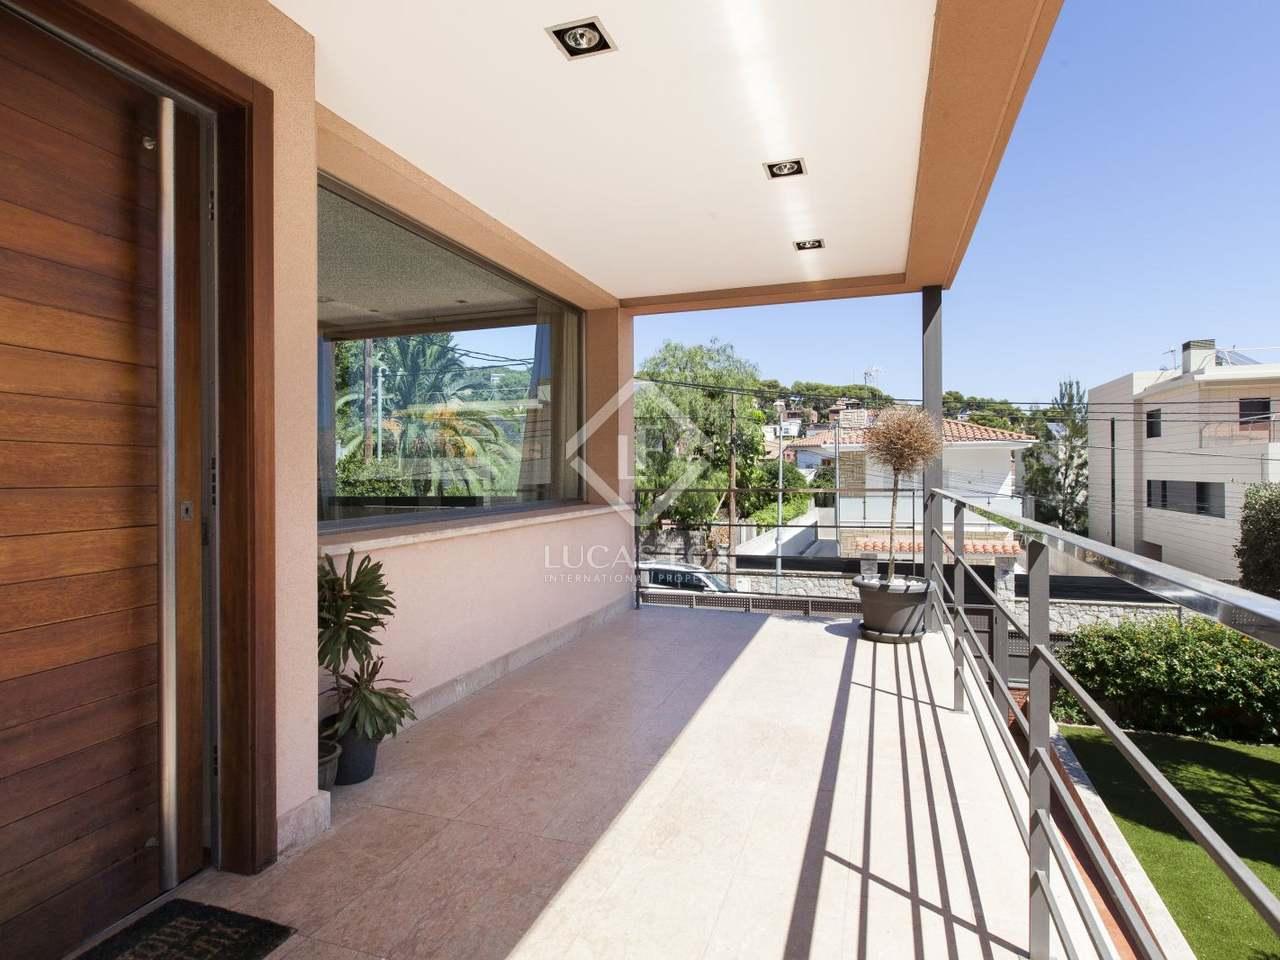 Villa con jard n y piscina en alquiler en castelldefels for Alquiler bajo con jardin madrid